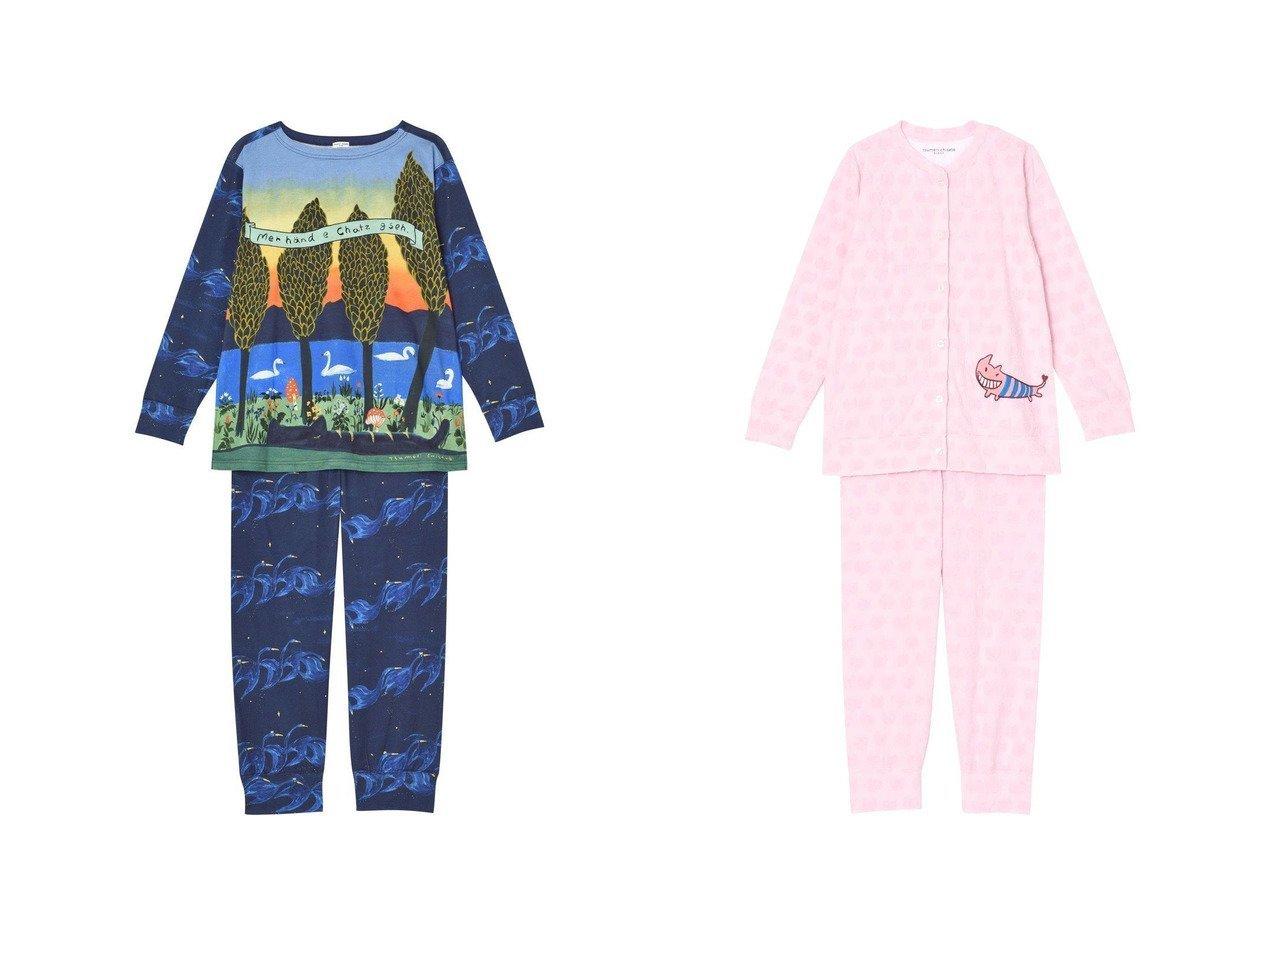 【tsumori chisato SLEEP/ツモリチサト スリープ】のパジャマ ロング袖ロングパンツ 飛び立つ白鳥ワコール UDQ141&パジャマ ロング袖ロングパンツ パイルジャカードワコール UDQ140 おすすめ!人気、トレンド・レディースファッションの通販 おすすめで人気の流行・トレンド、ファッションの通販商品 インテリア・家具・メンズファッション・キッズファッション・レディースファッション・服の通販 founy(ファニー) https://founy.com/ ファッション Fashion レディースファッション WOMEN パンツ Pants 送料無料 Free Shipping アンダー グラデーション パジャマ ロング 秋 Autumn/Fall |ID:crp329100000070614